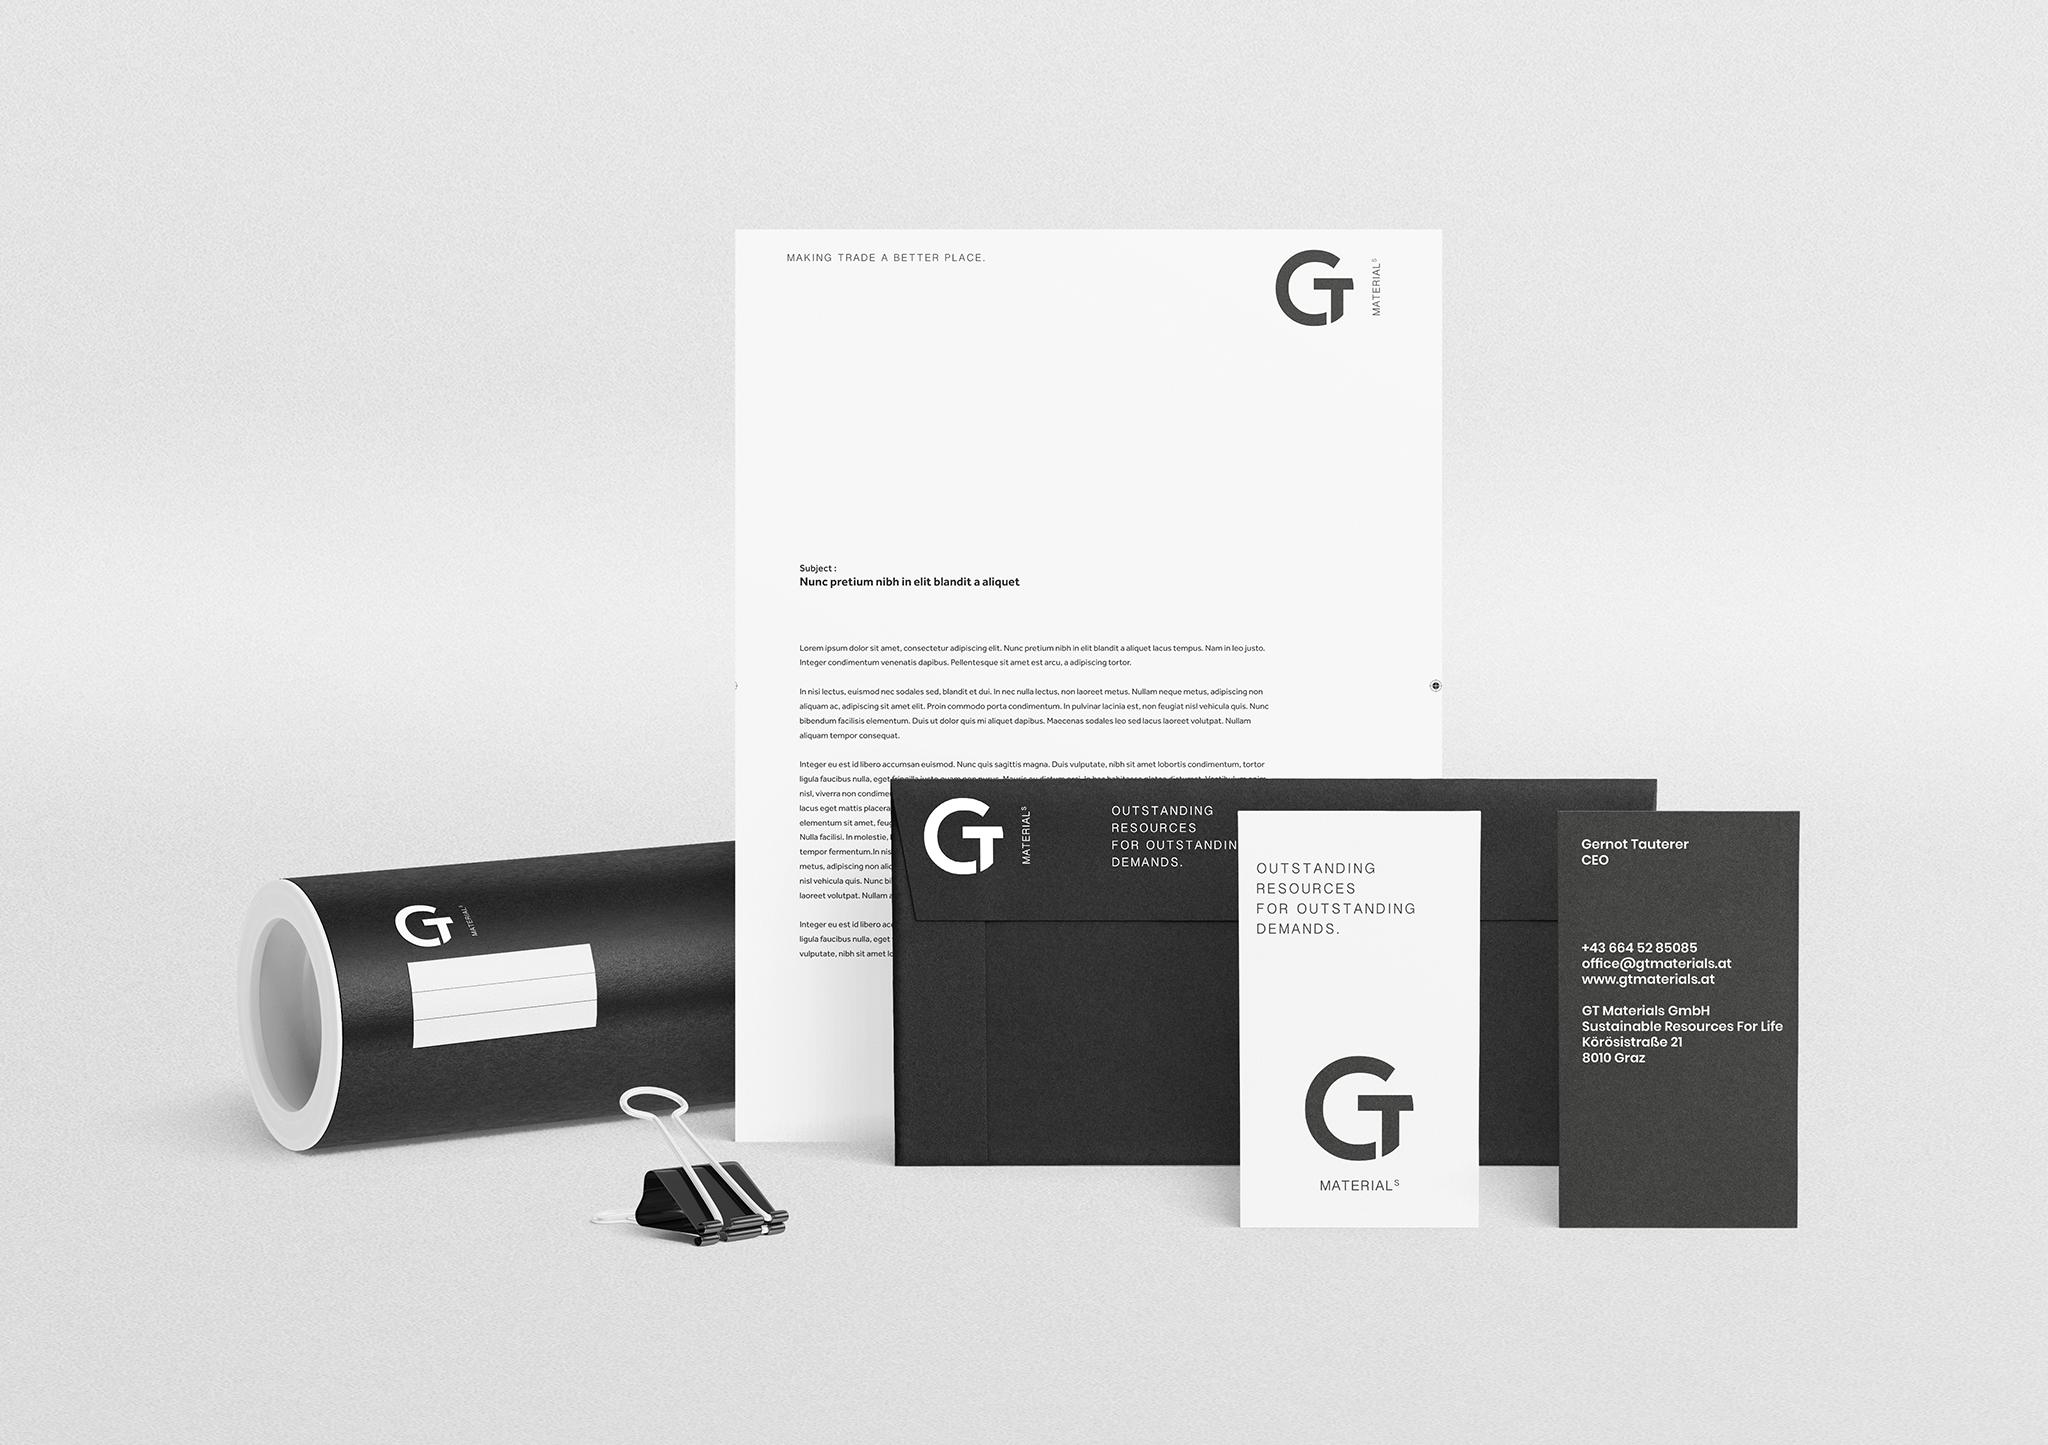 GT Materials